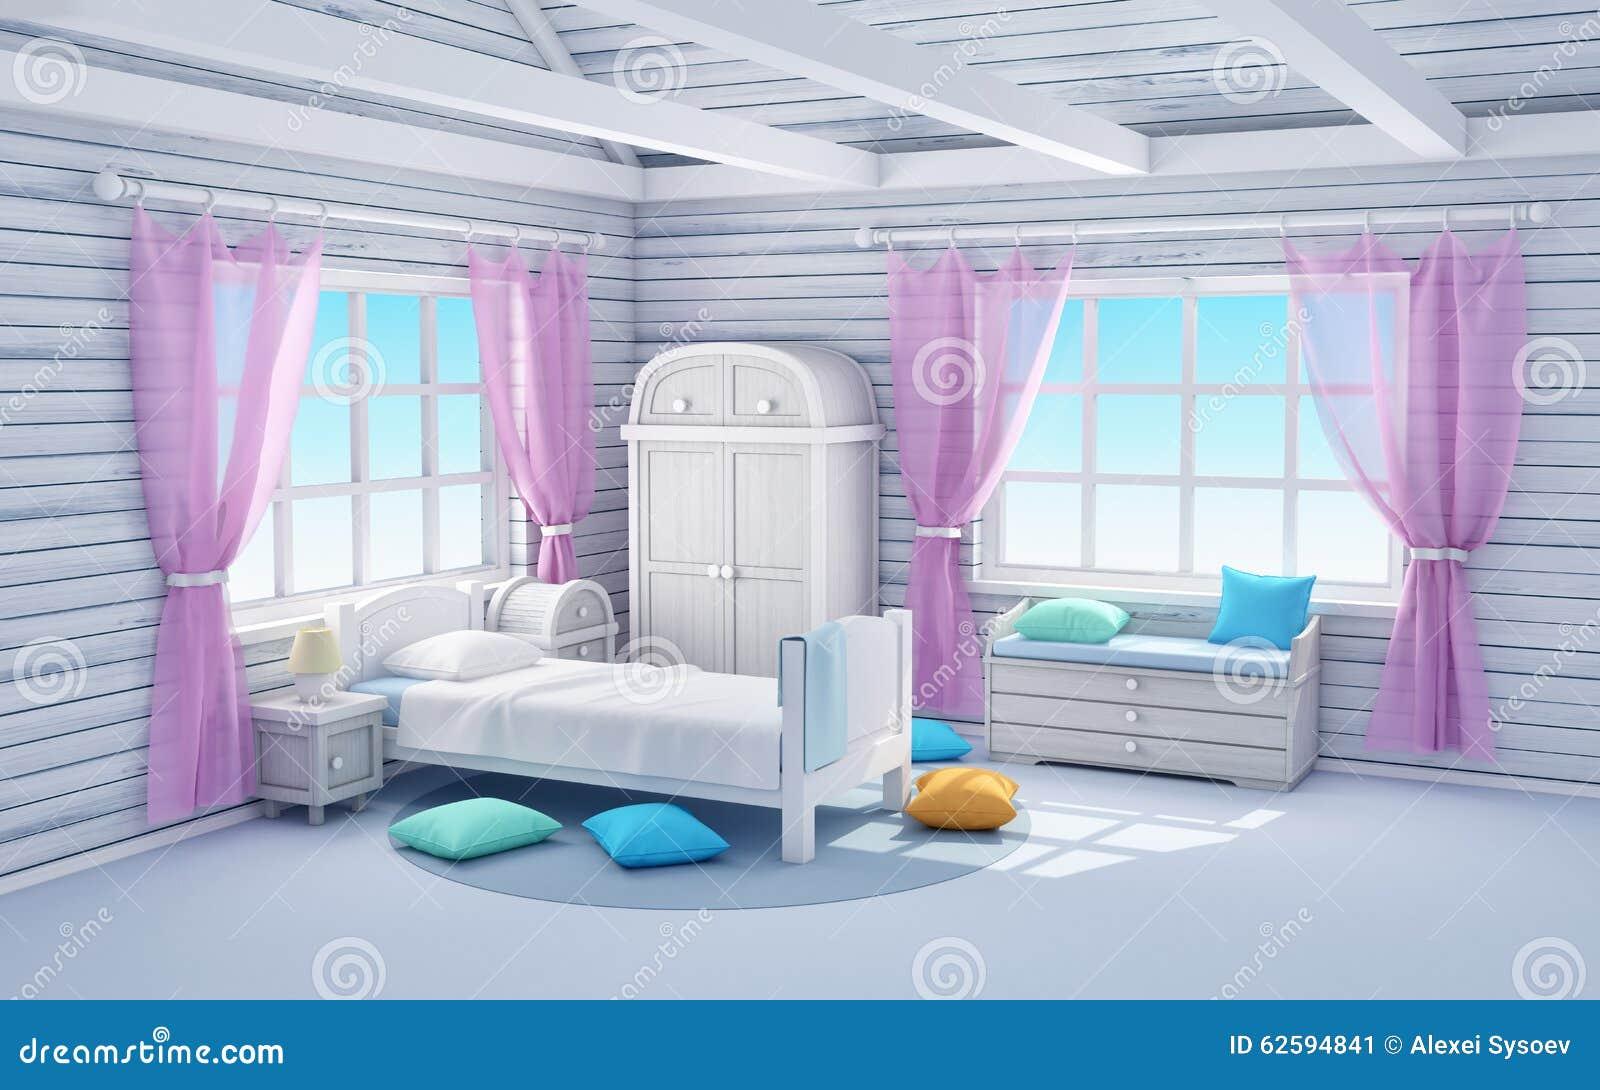 Traum Schlafzimmer Weißes Traumschlafzimmer Stock Abbildung   Bild: 62594841